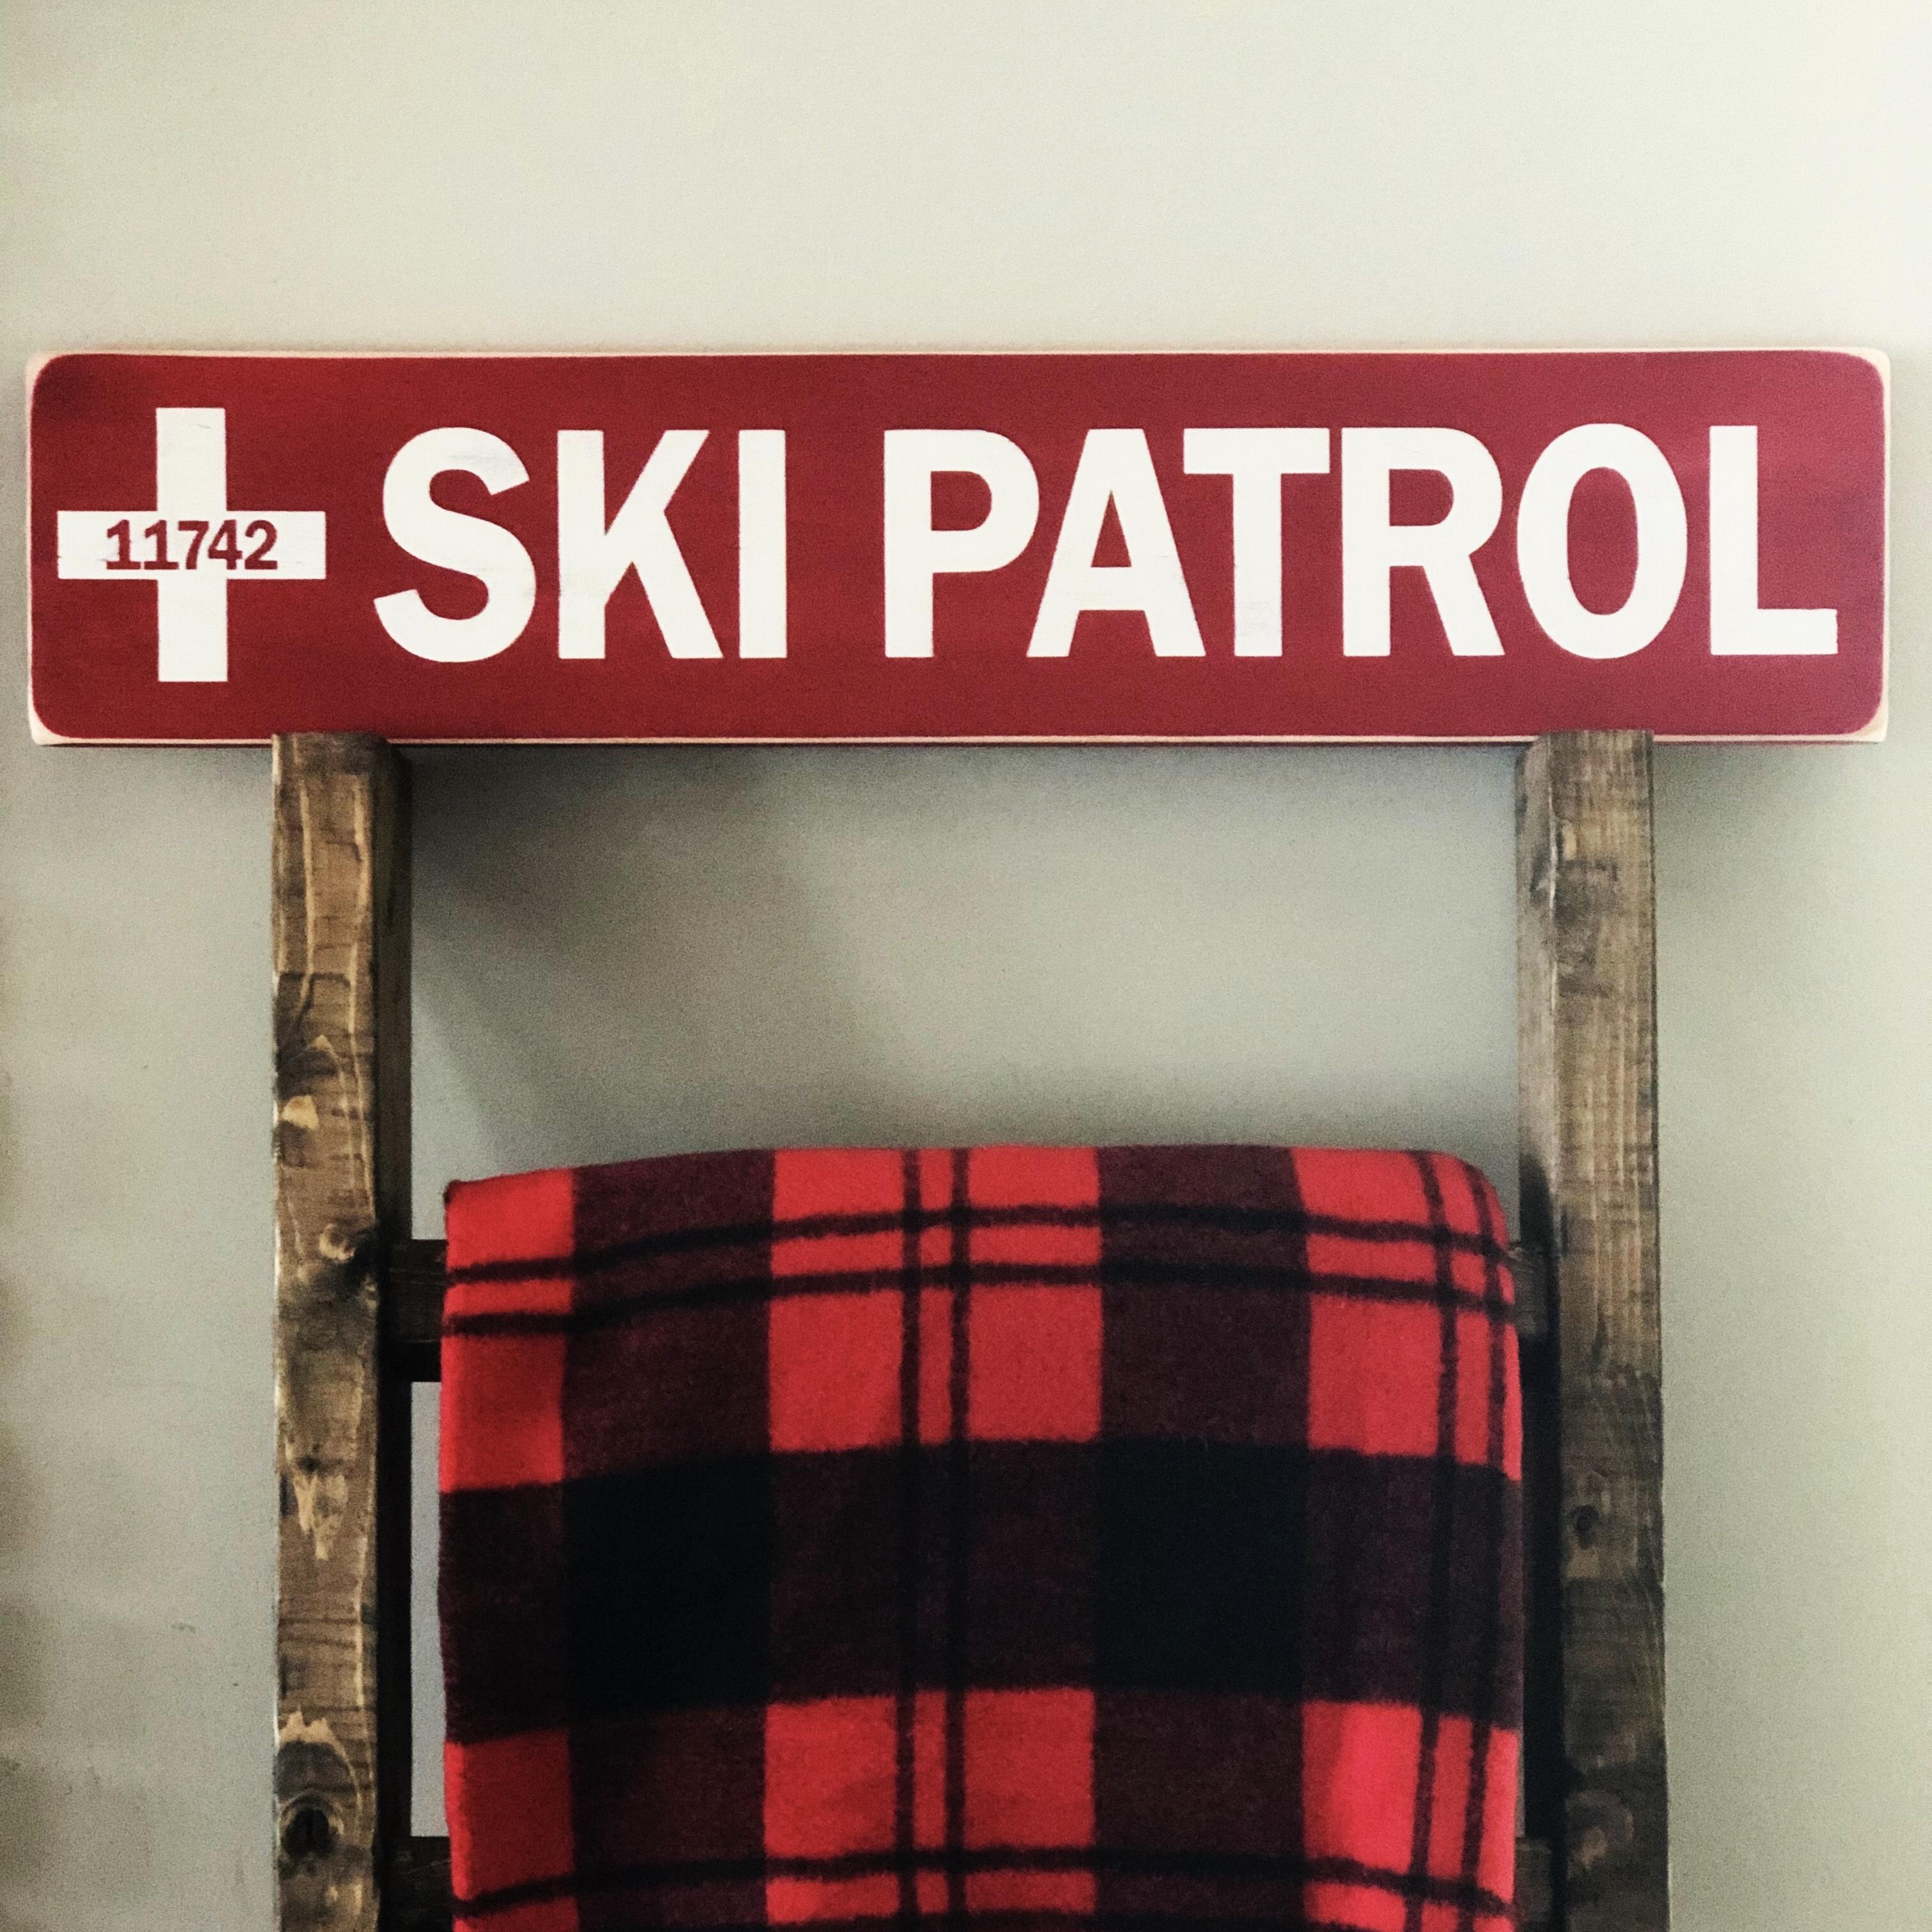 Ski patrol sign.